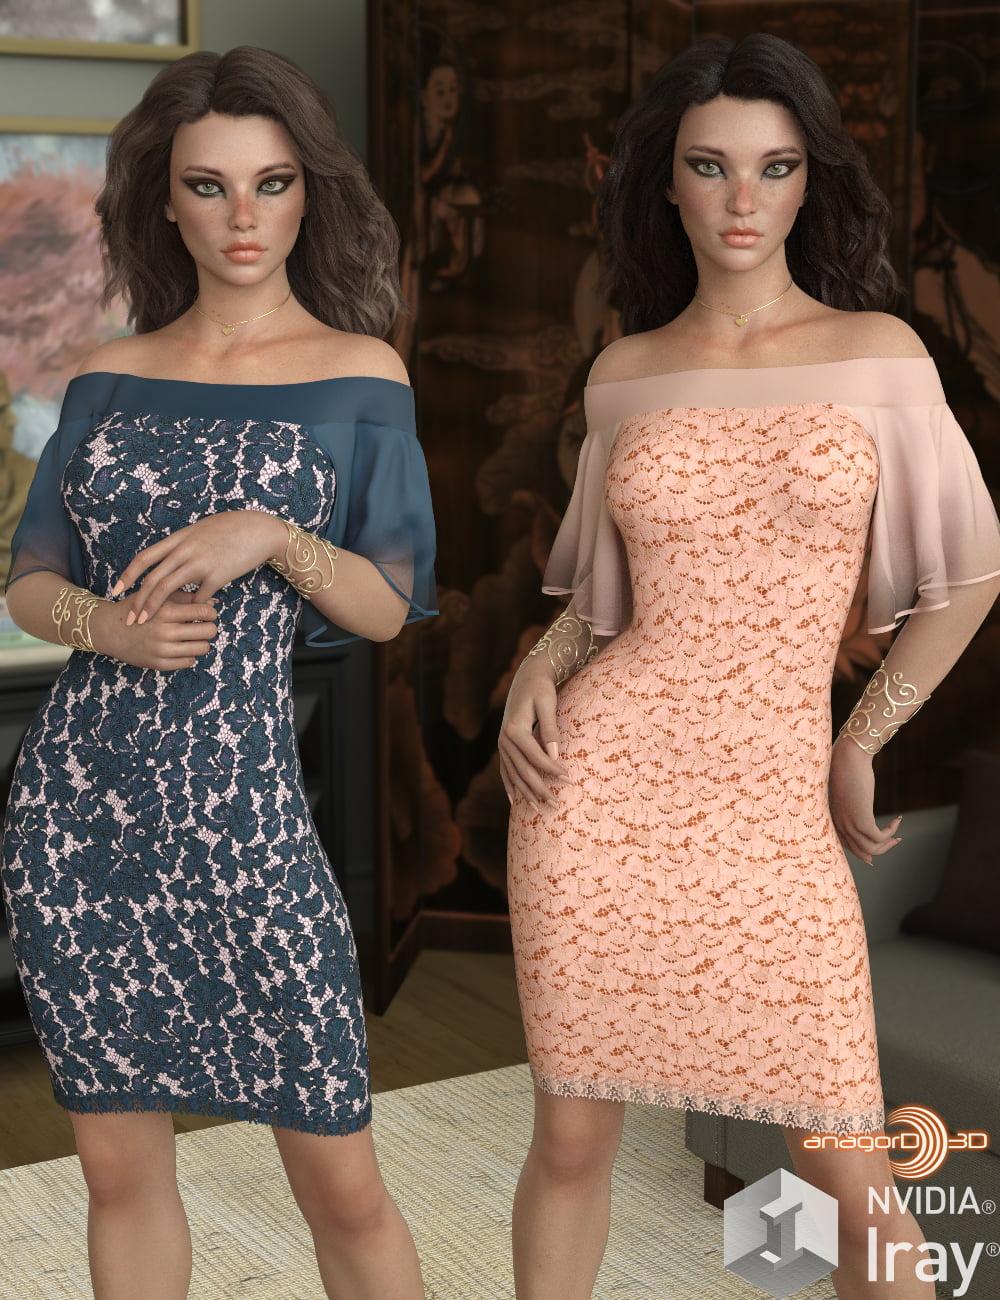 VERSUS - dForce Shimmy Dress for G8F